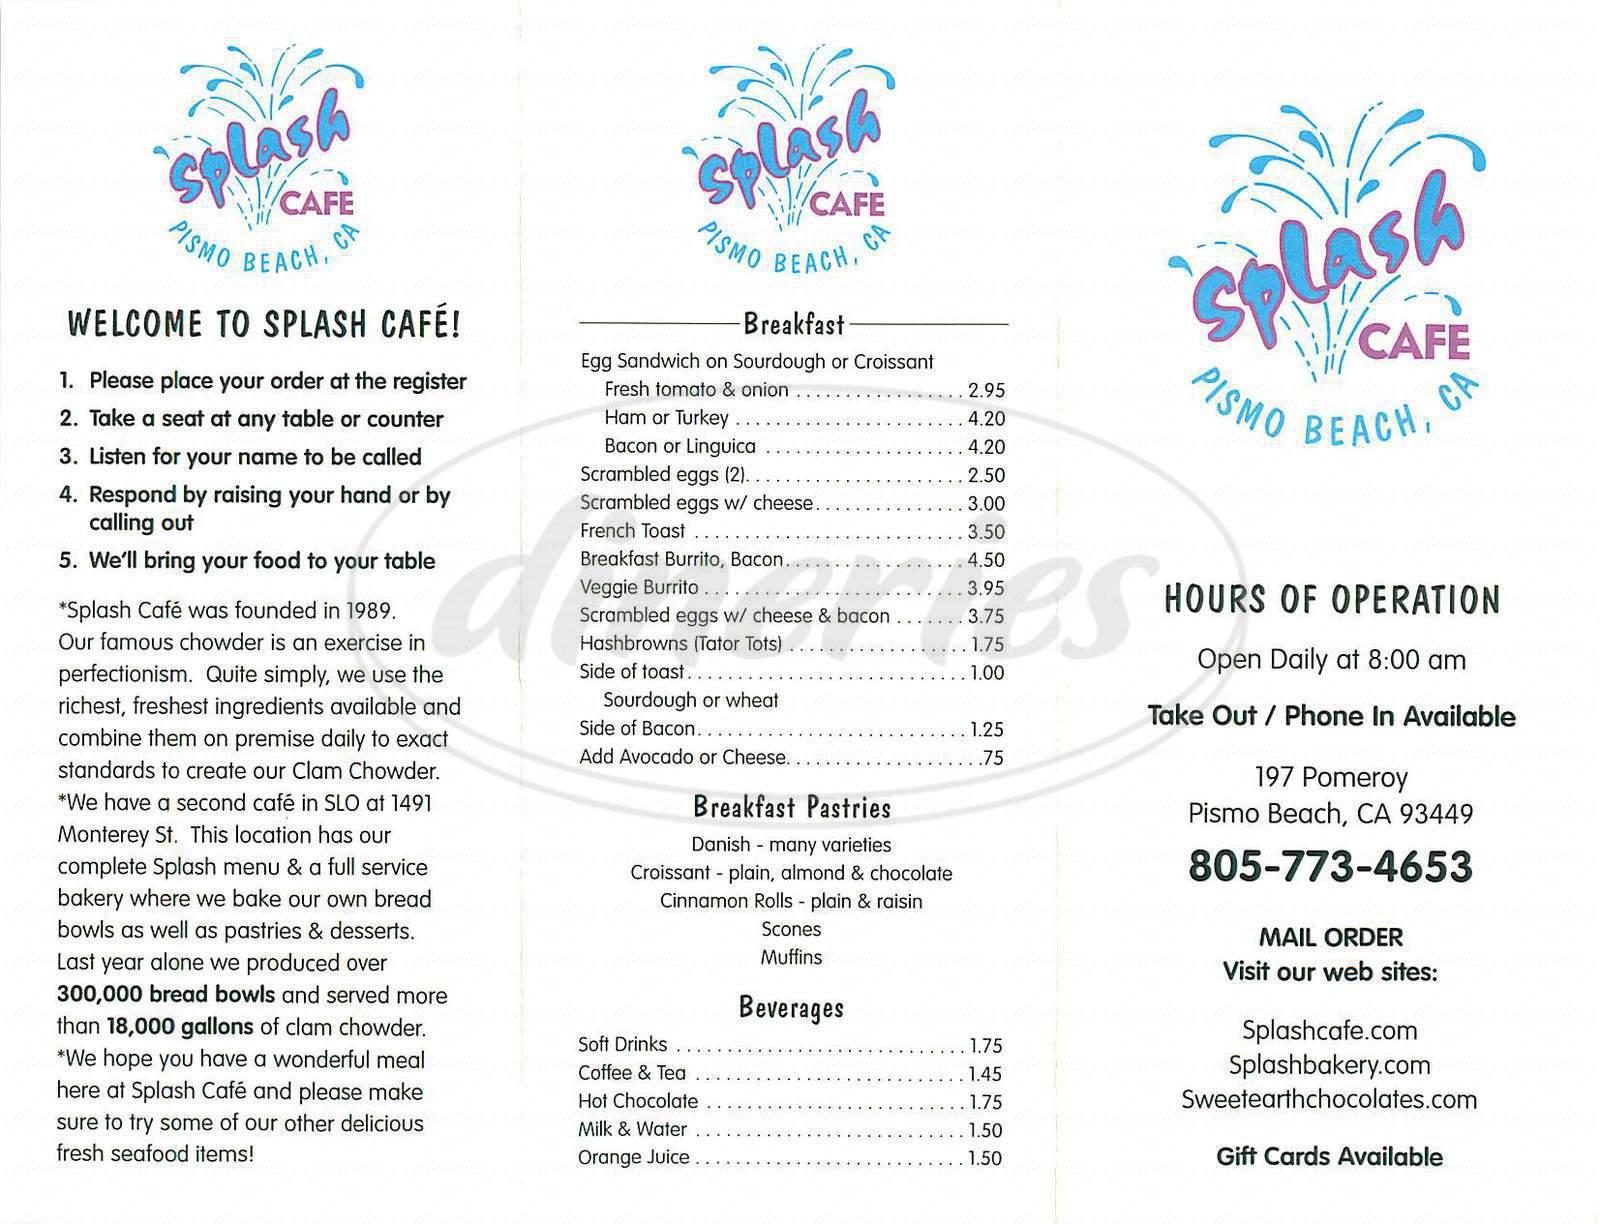 menu for Splash Cafe